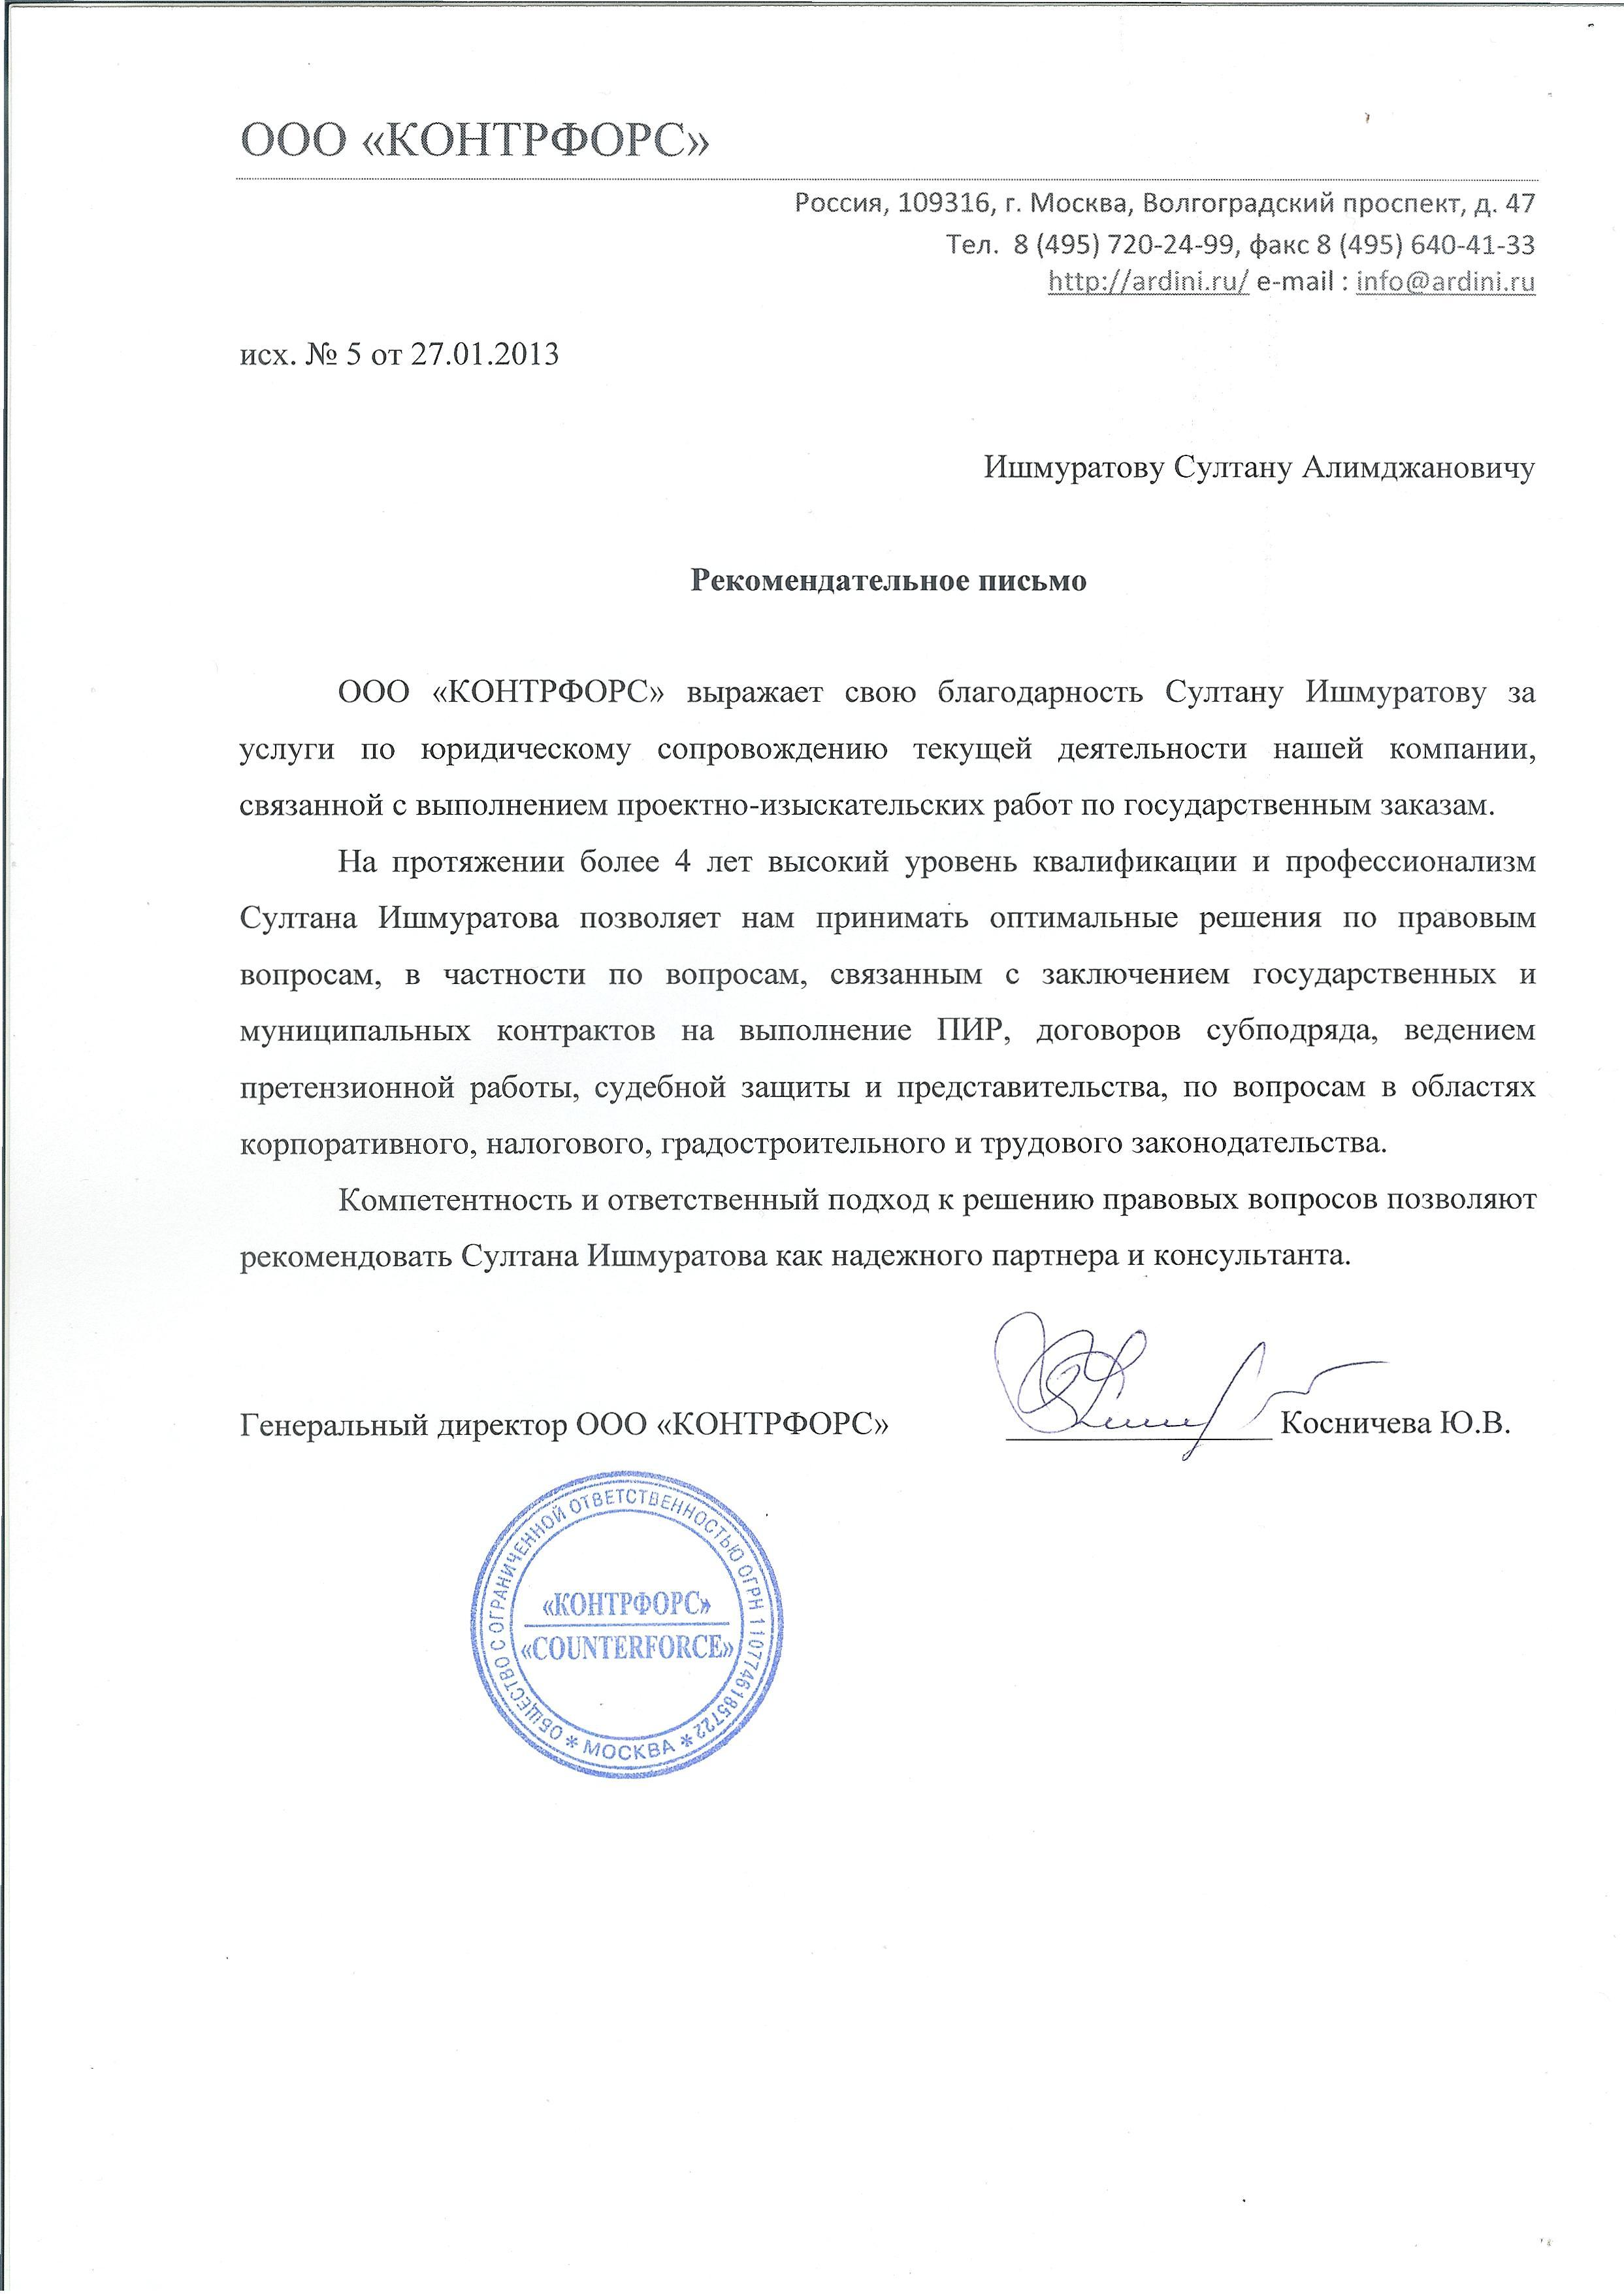 kontrfors-rekomendatelnoe-pismo